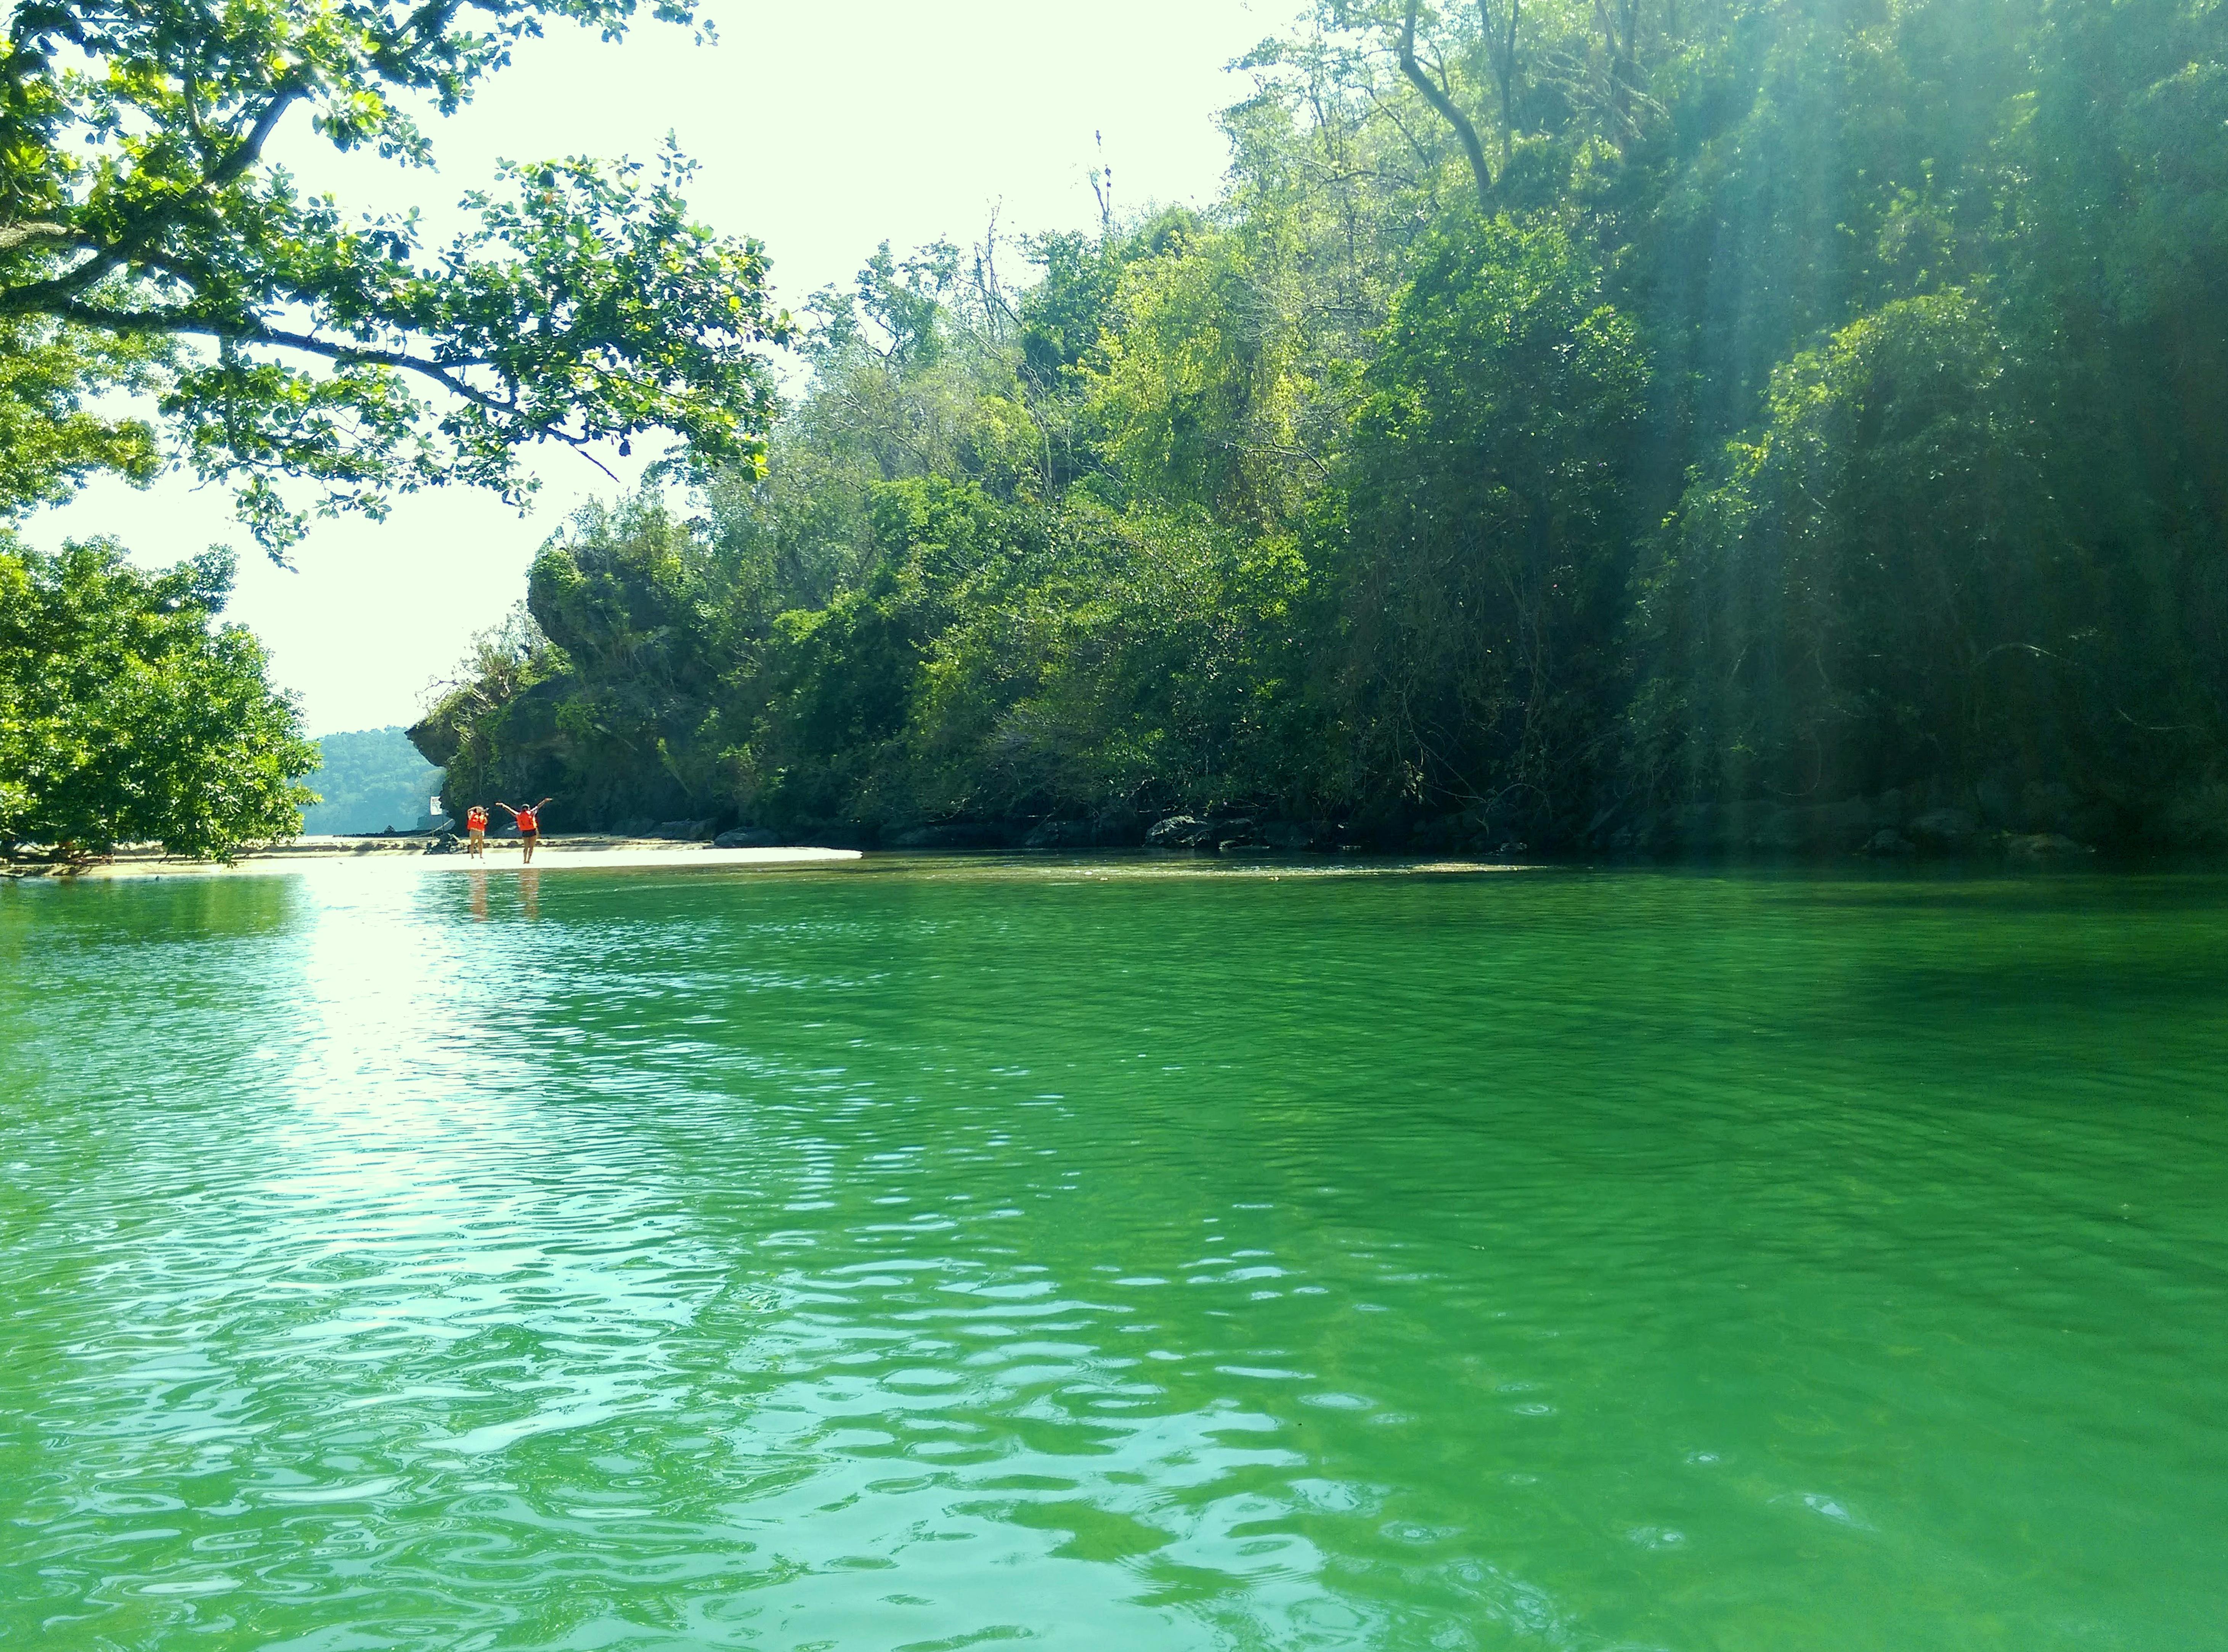 hình ảnh : con sông, ao, Hồ chứa, Cơ thể của nước 5844x4333